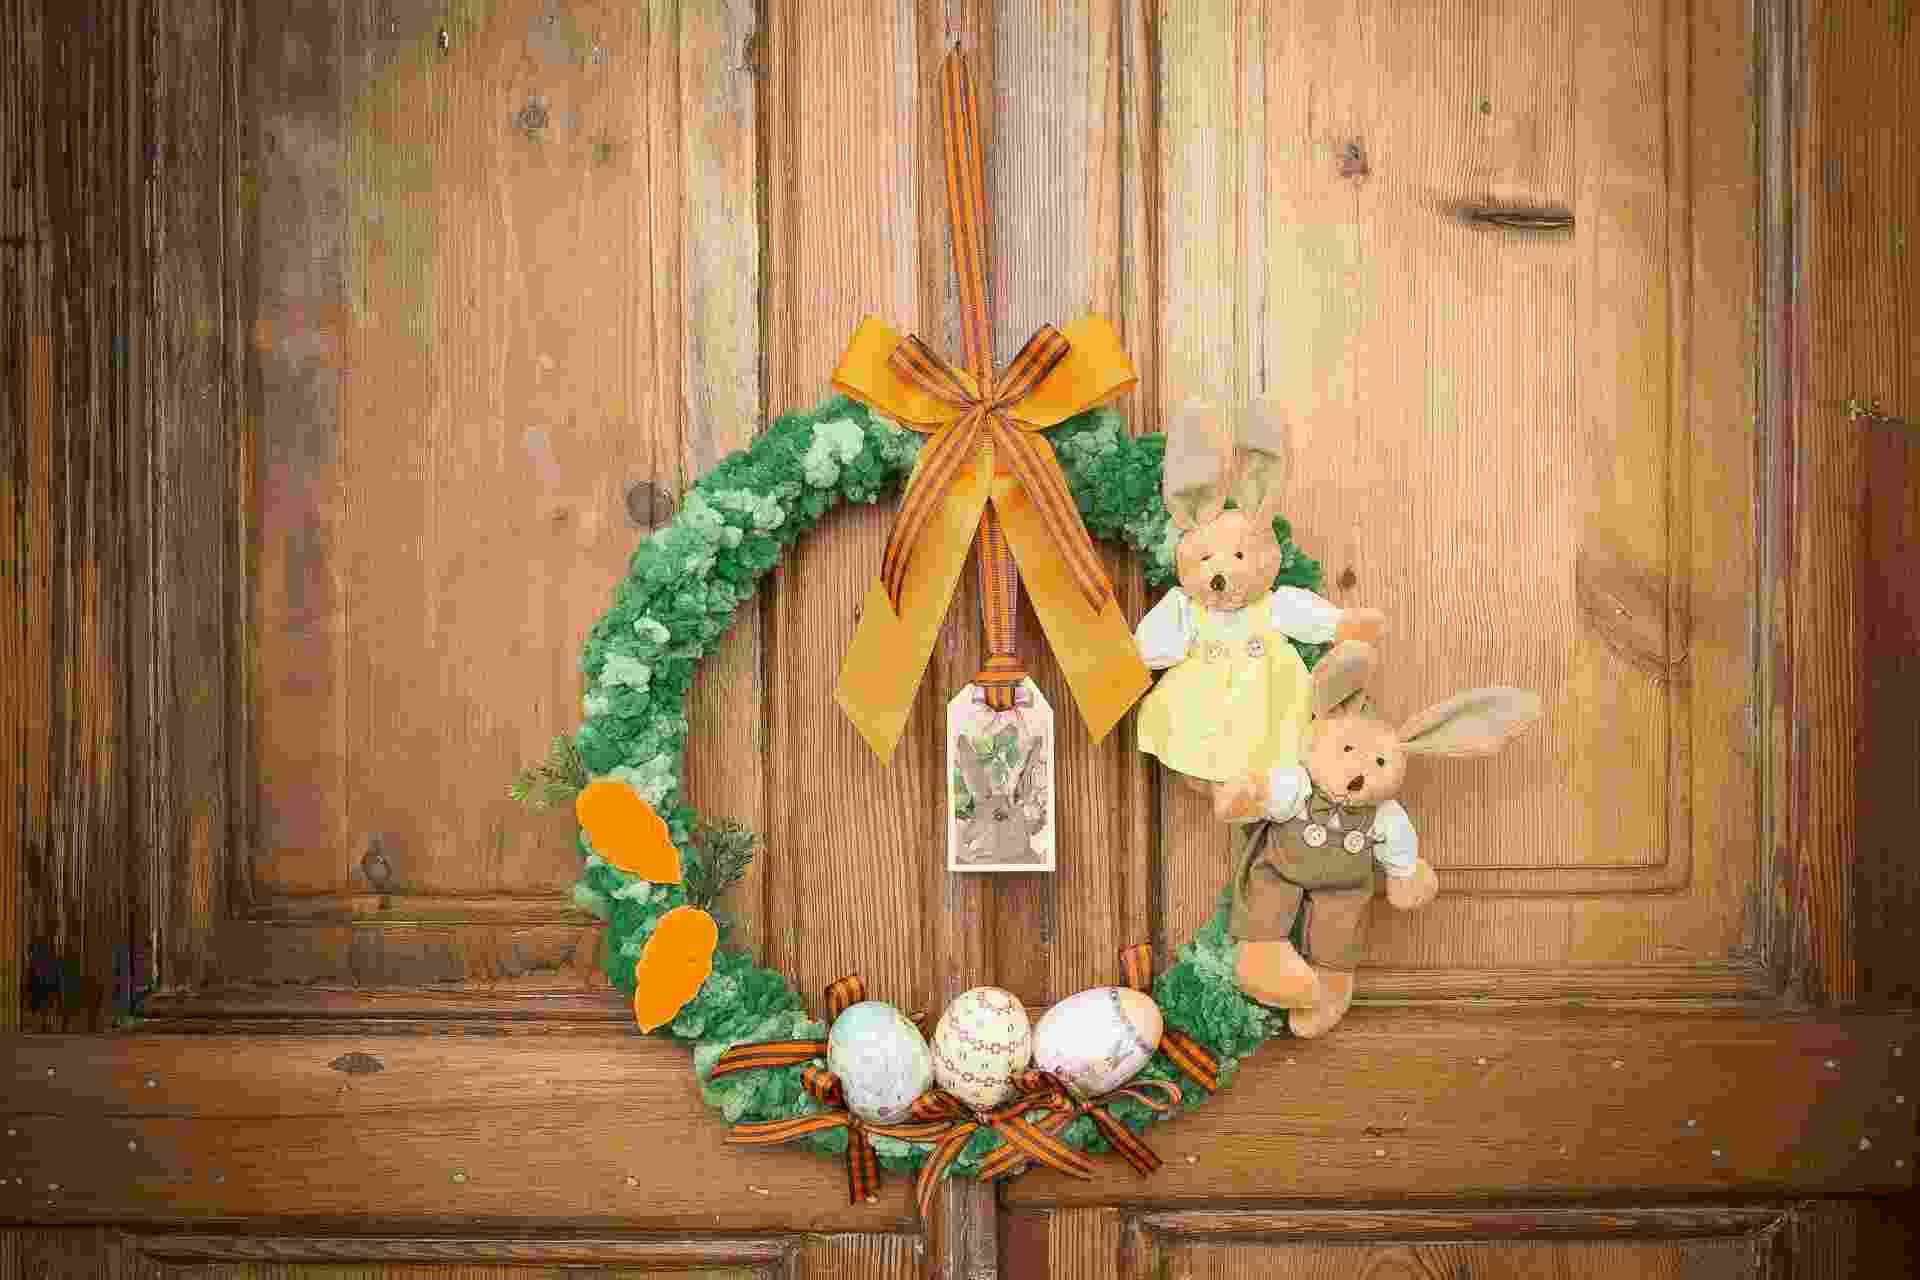 Faça uma guirlanda para a decoração de Páscoa - Rodrigo Capote/UOL